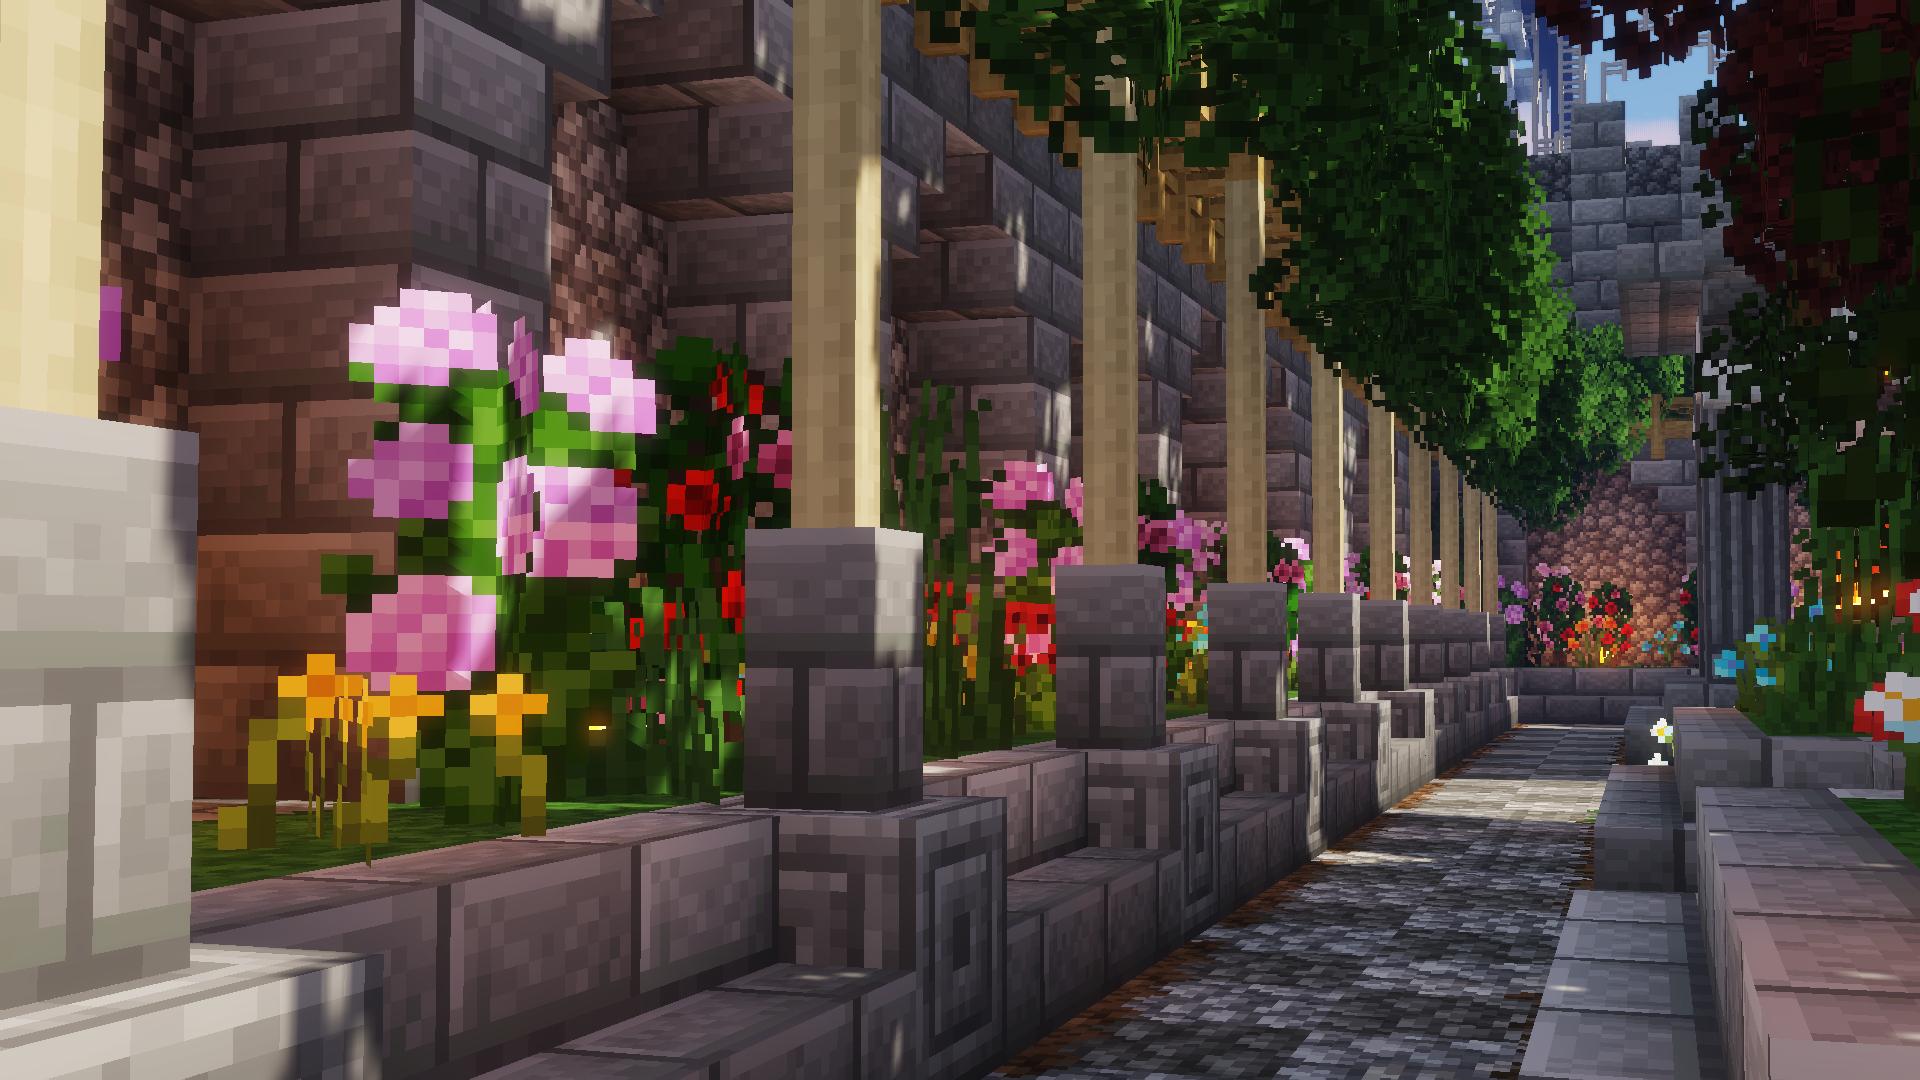 Работа мечты: вы можете стать виртуальным садовником в Minecraft и зарабатывать реальные деньги